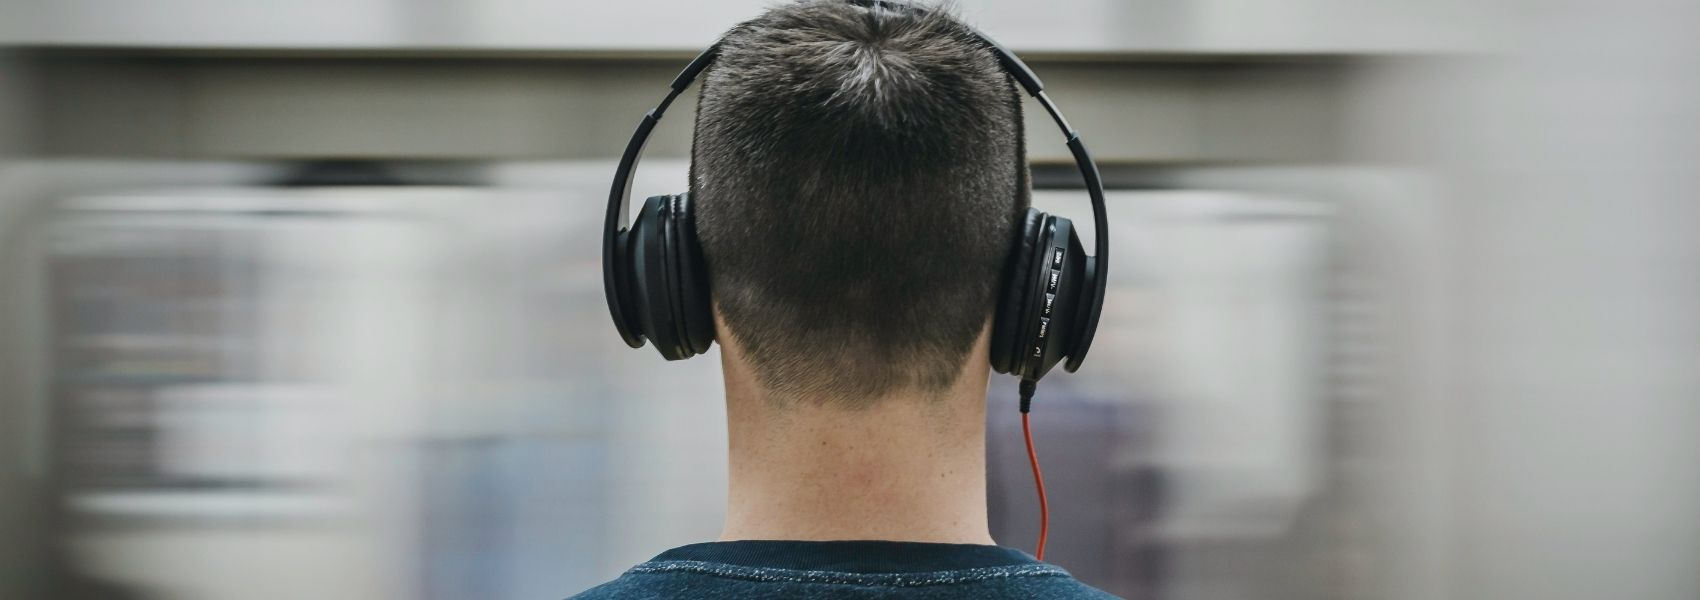 Grupo prepara-se para lançar as primeiras 'apps' de rastreio auditivo em Portugal